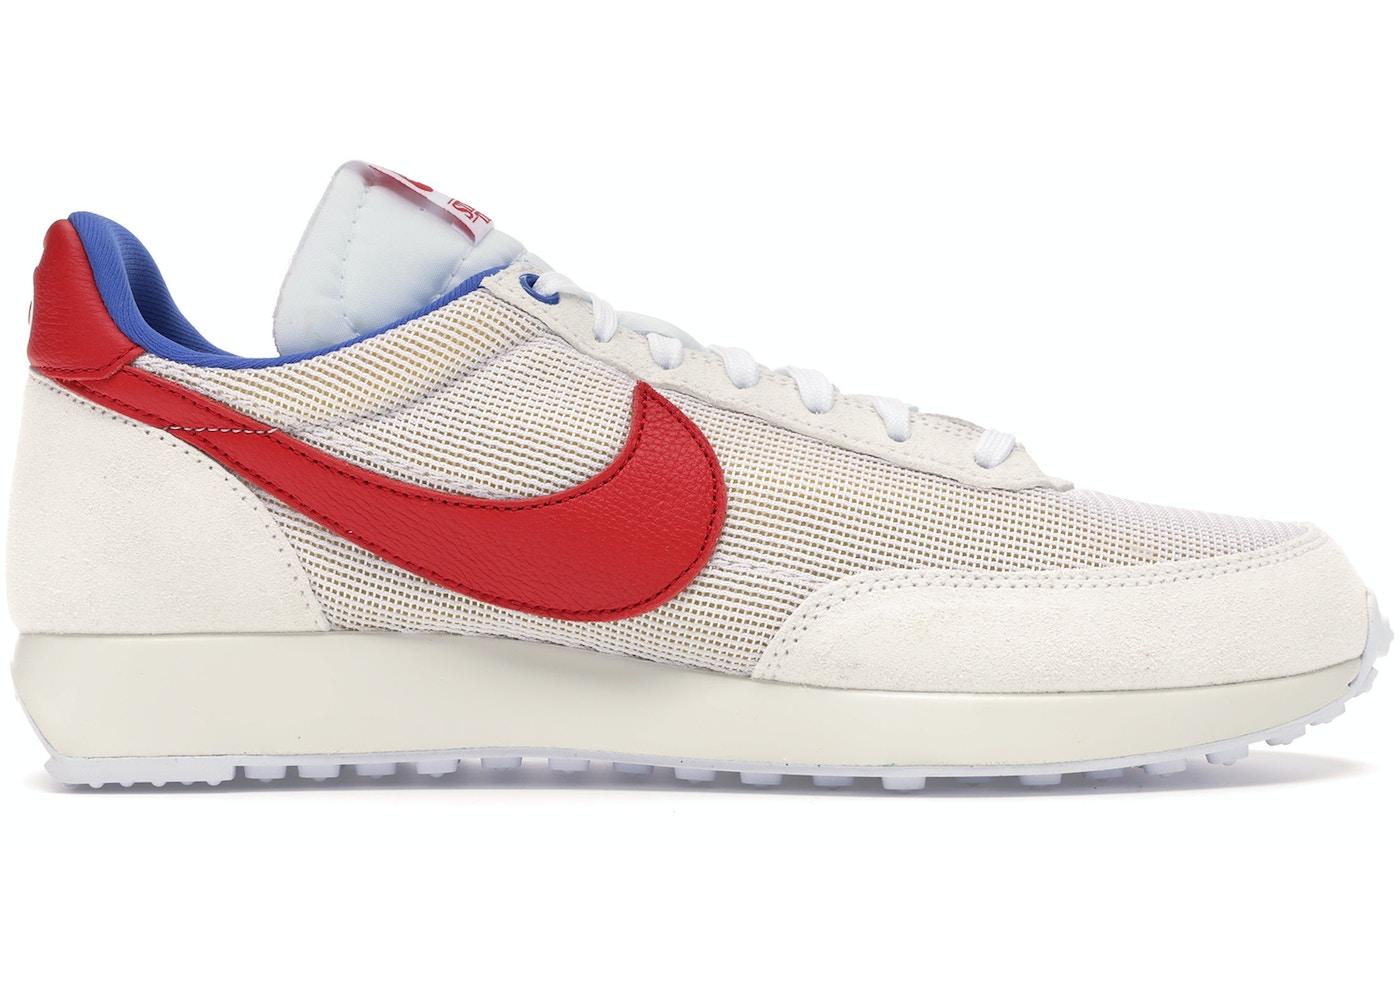 553213ba Buy Nike Shoes & Deadstock Sneakers